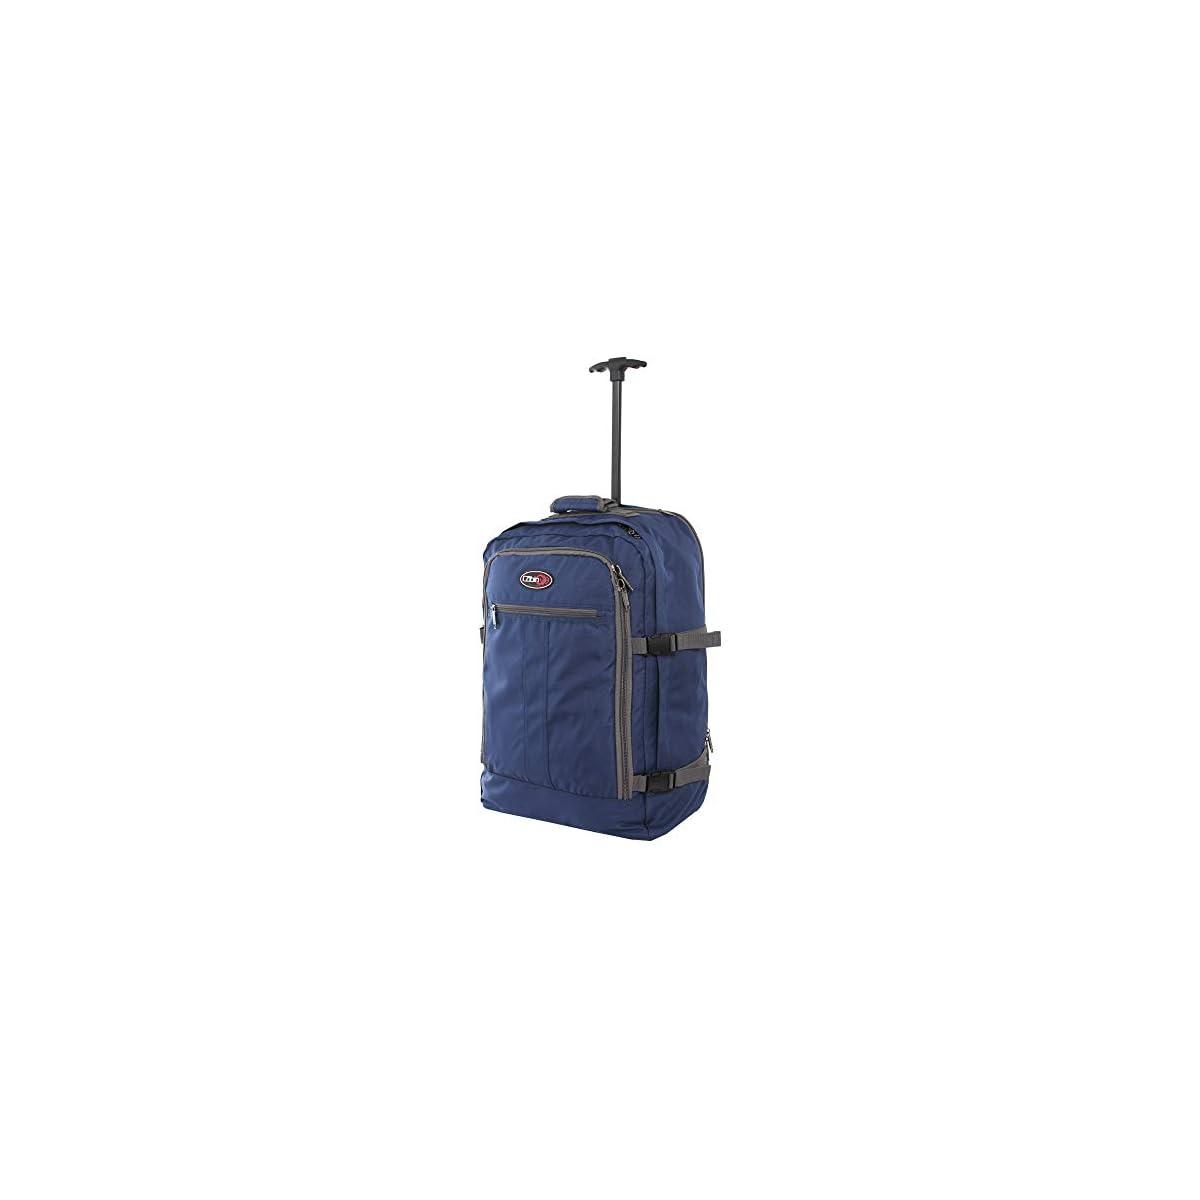 31gNQgFKjtL. SS1200  - CABIN GO cod. MAX 5520 trolley - Mochila para equipaje de mano/cabina de viaje liviana. - 55 x 40 x 20 cm, 44 litros - con ruedas. Aprobado vuelo IATA/EasyJet / Ryanair